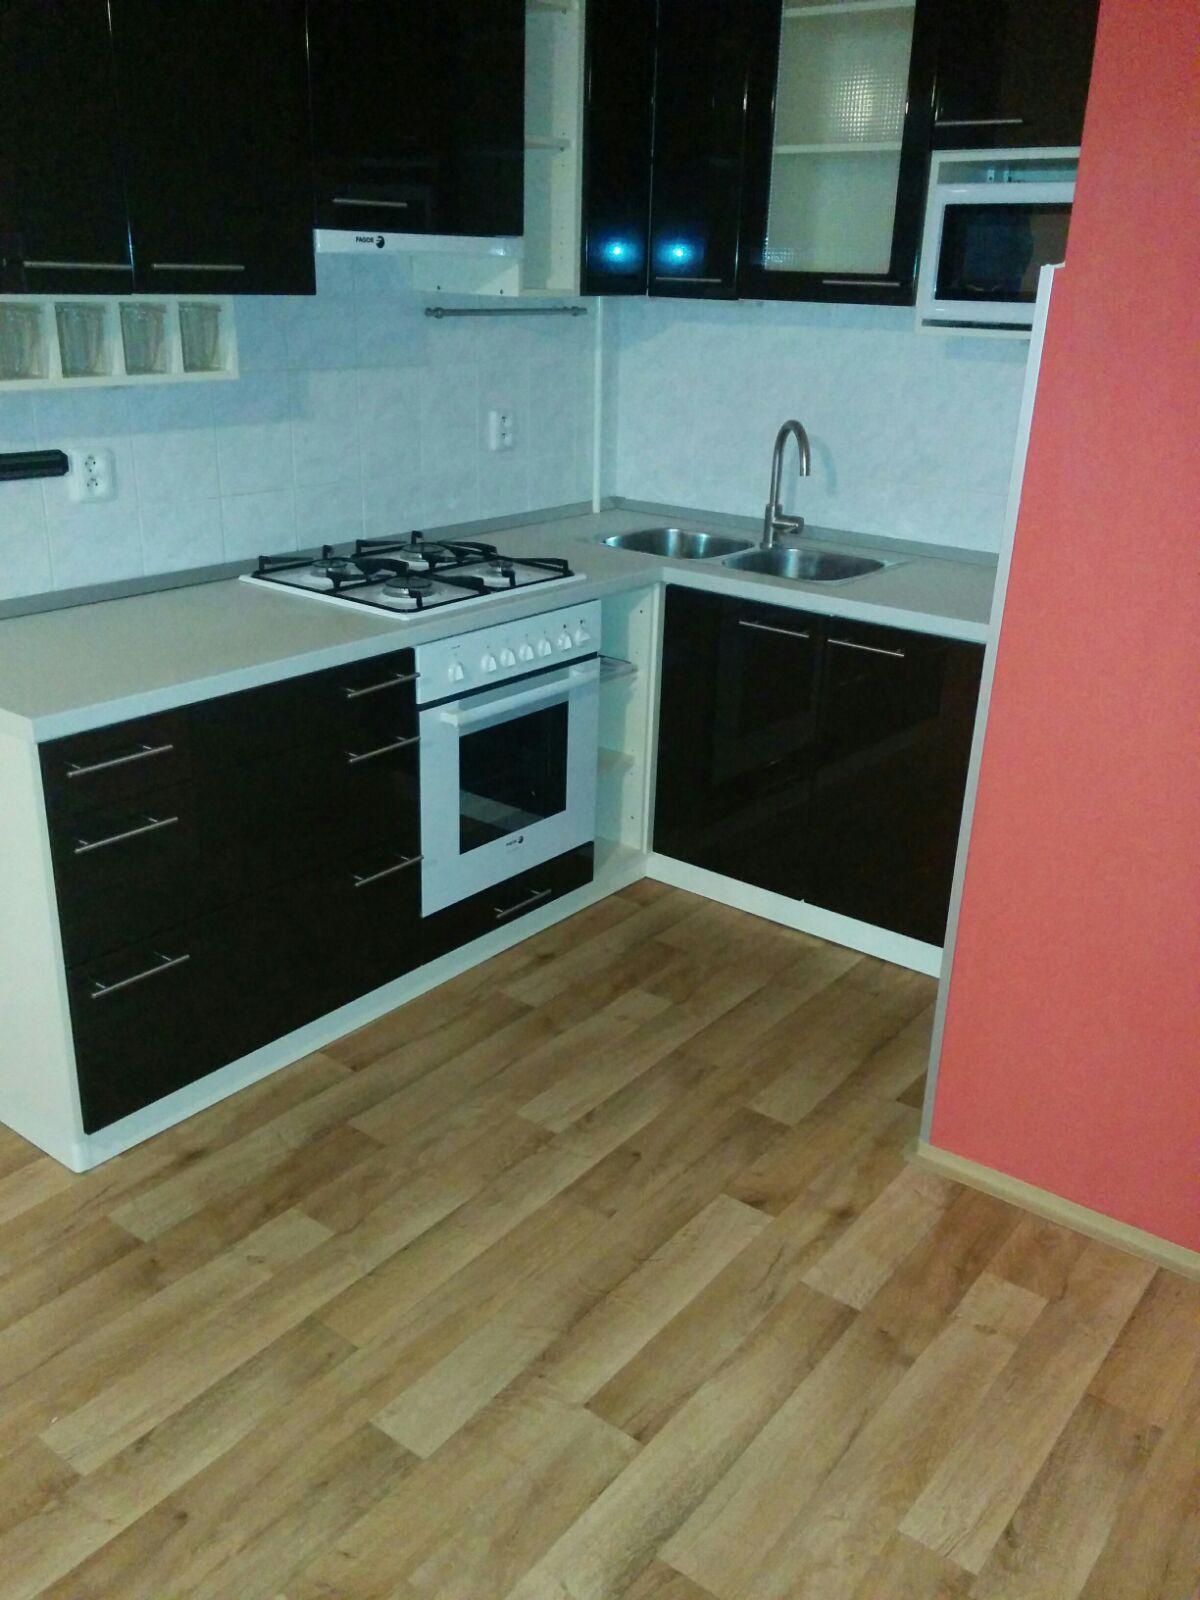 למכירה דירת 2 חדרים מתאימה להשקעה בשכונת זיזקוב פראג 3 -tt (1)